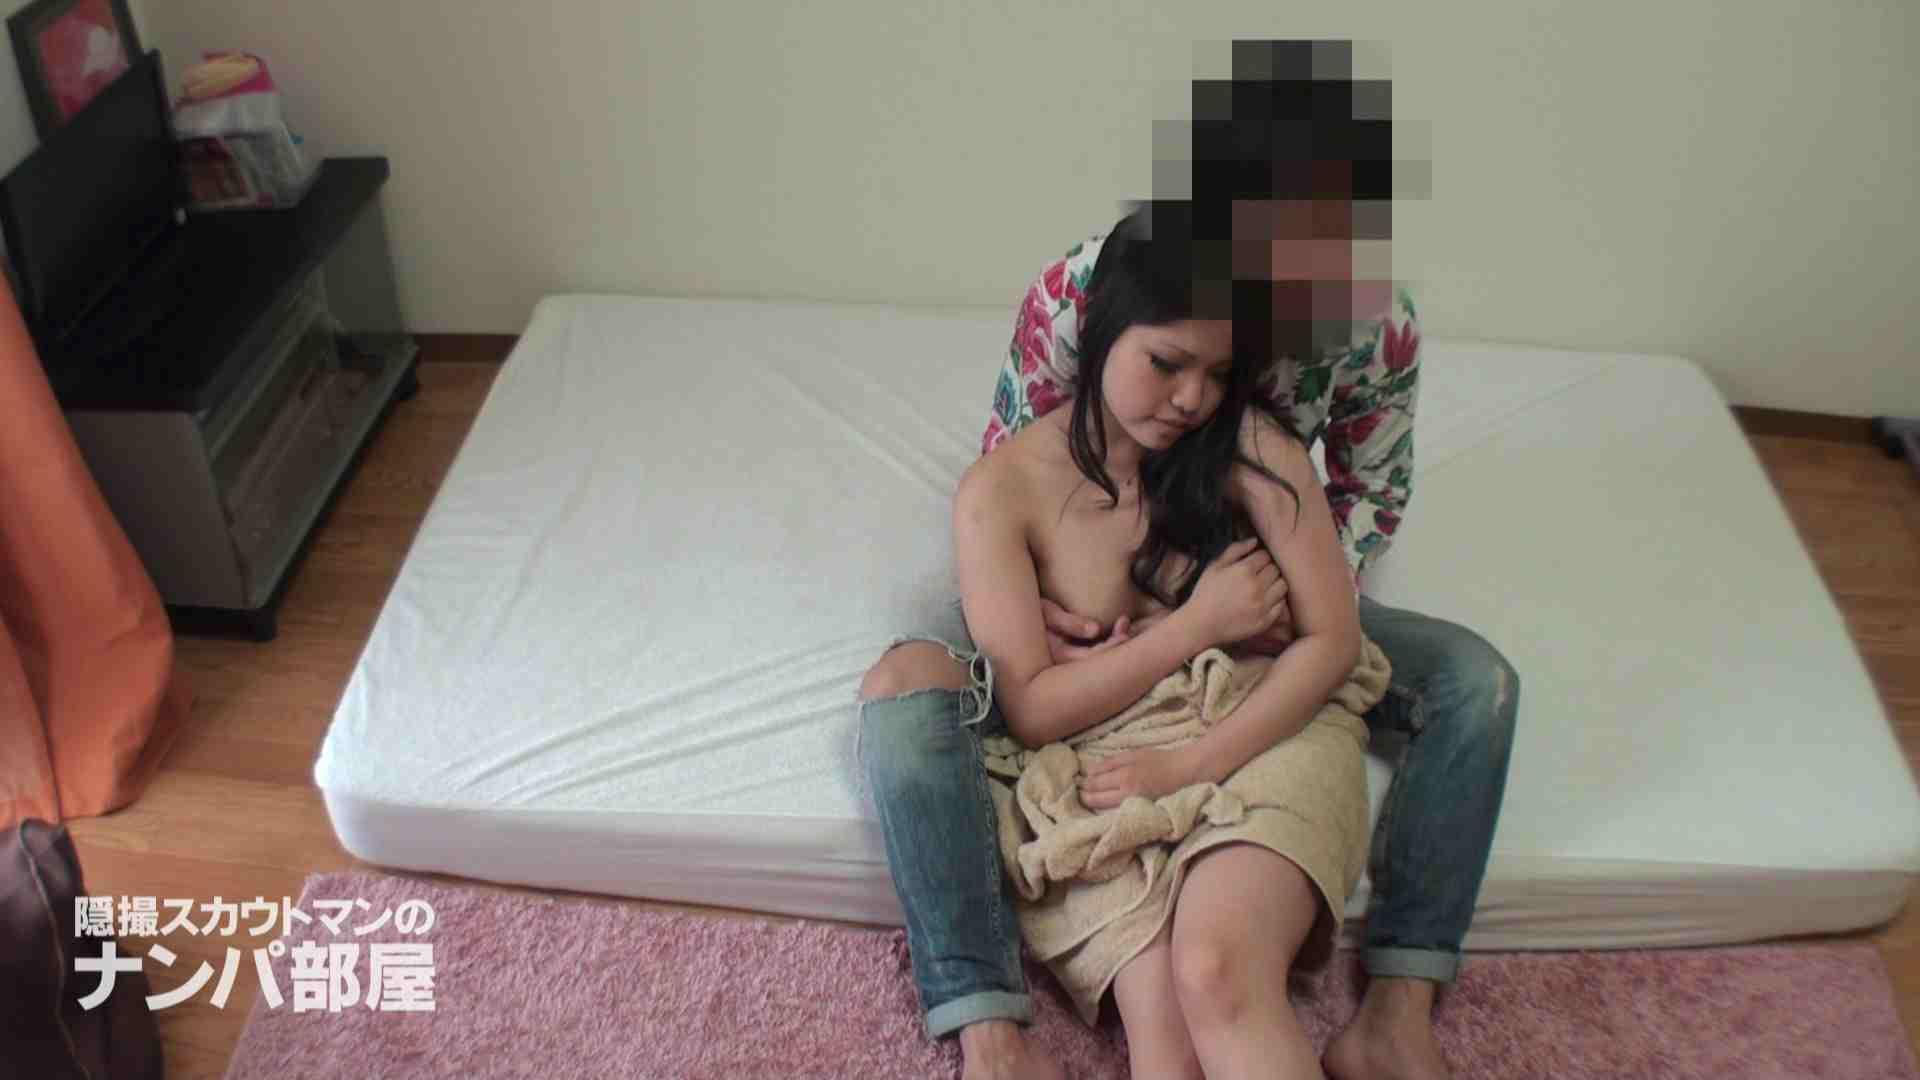 隠撮スカウトマンのナンパ部屋~風俗デビュー前のつまみ食い~hanavol.2 脱衣所  106pic 84